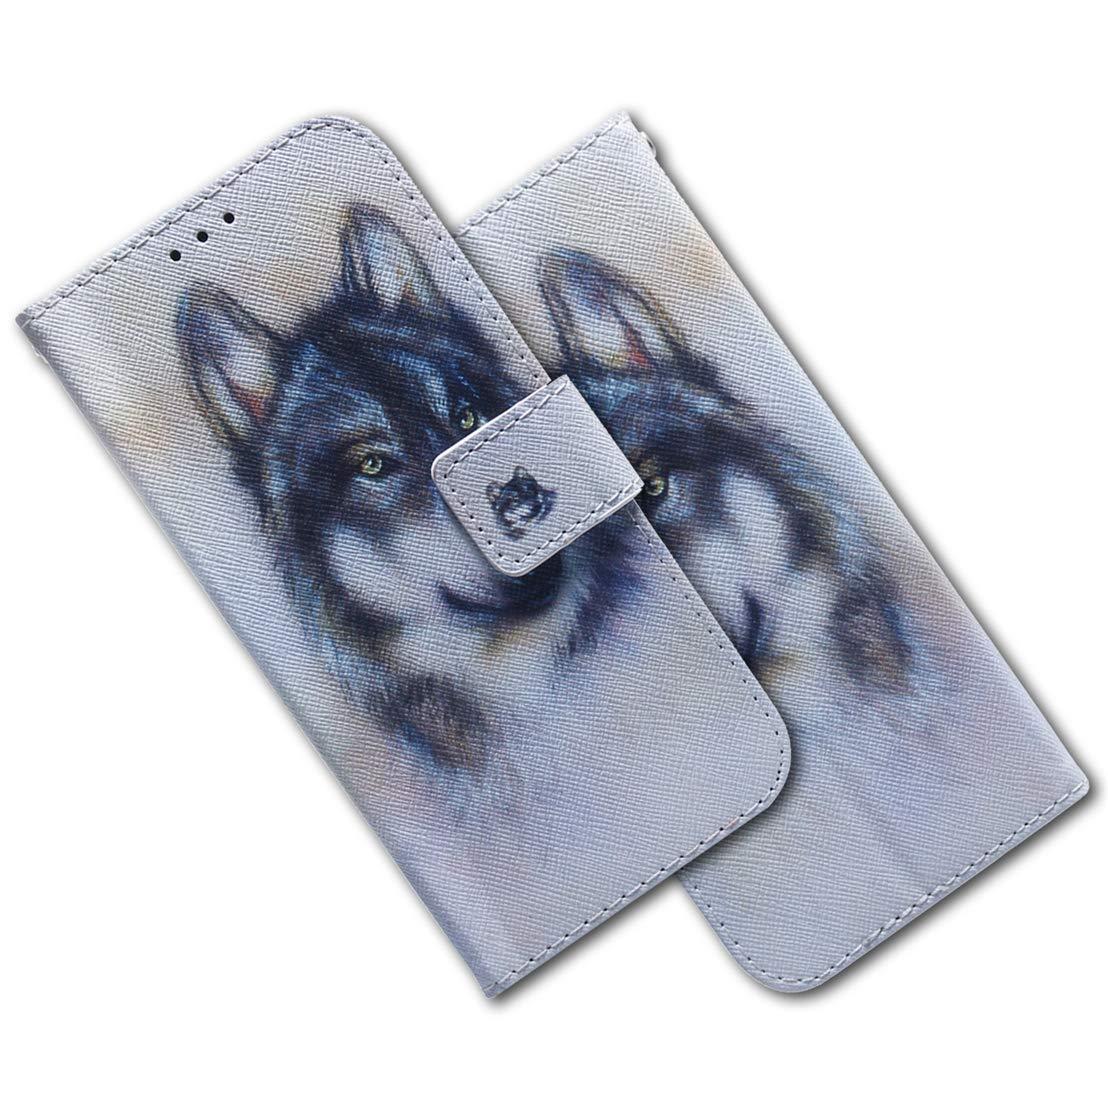 MRSTER Sony Xperia L3 Funda Ultra Slim Carcasa Protecci/ón de PU Cuero Funda con Stand Funci/ón para Sony Xperia L3 EF PU- White Wolf Sony Xperia L3 Cover